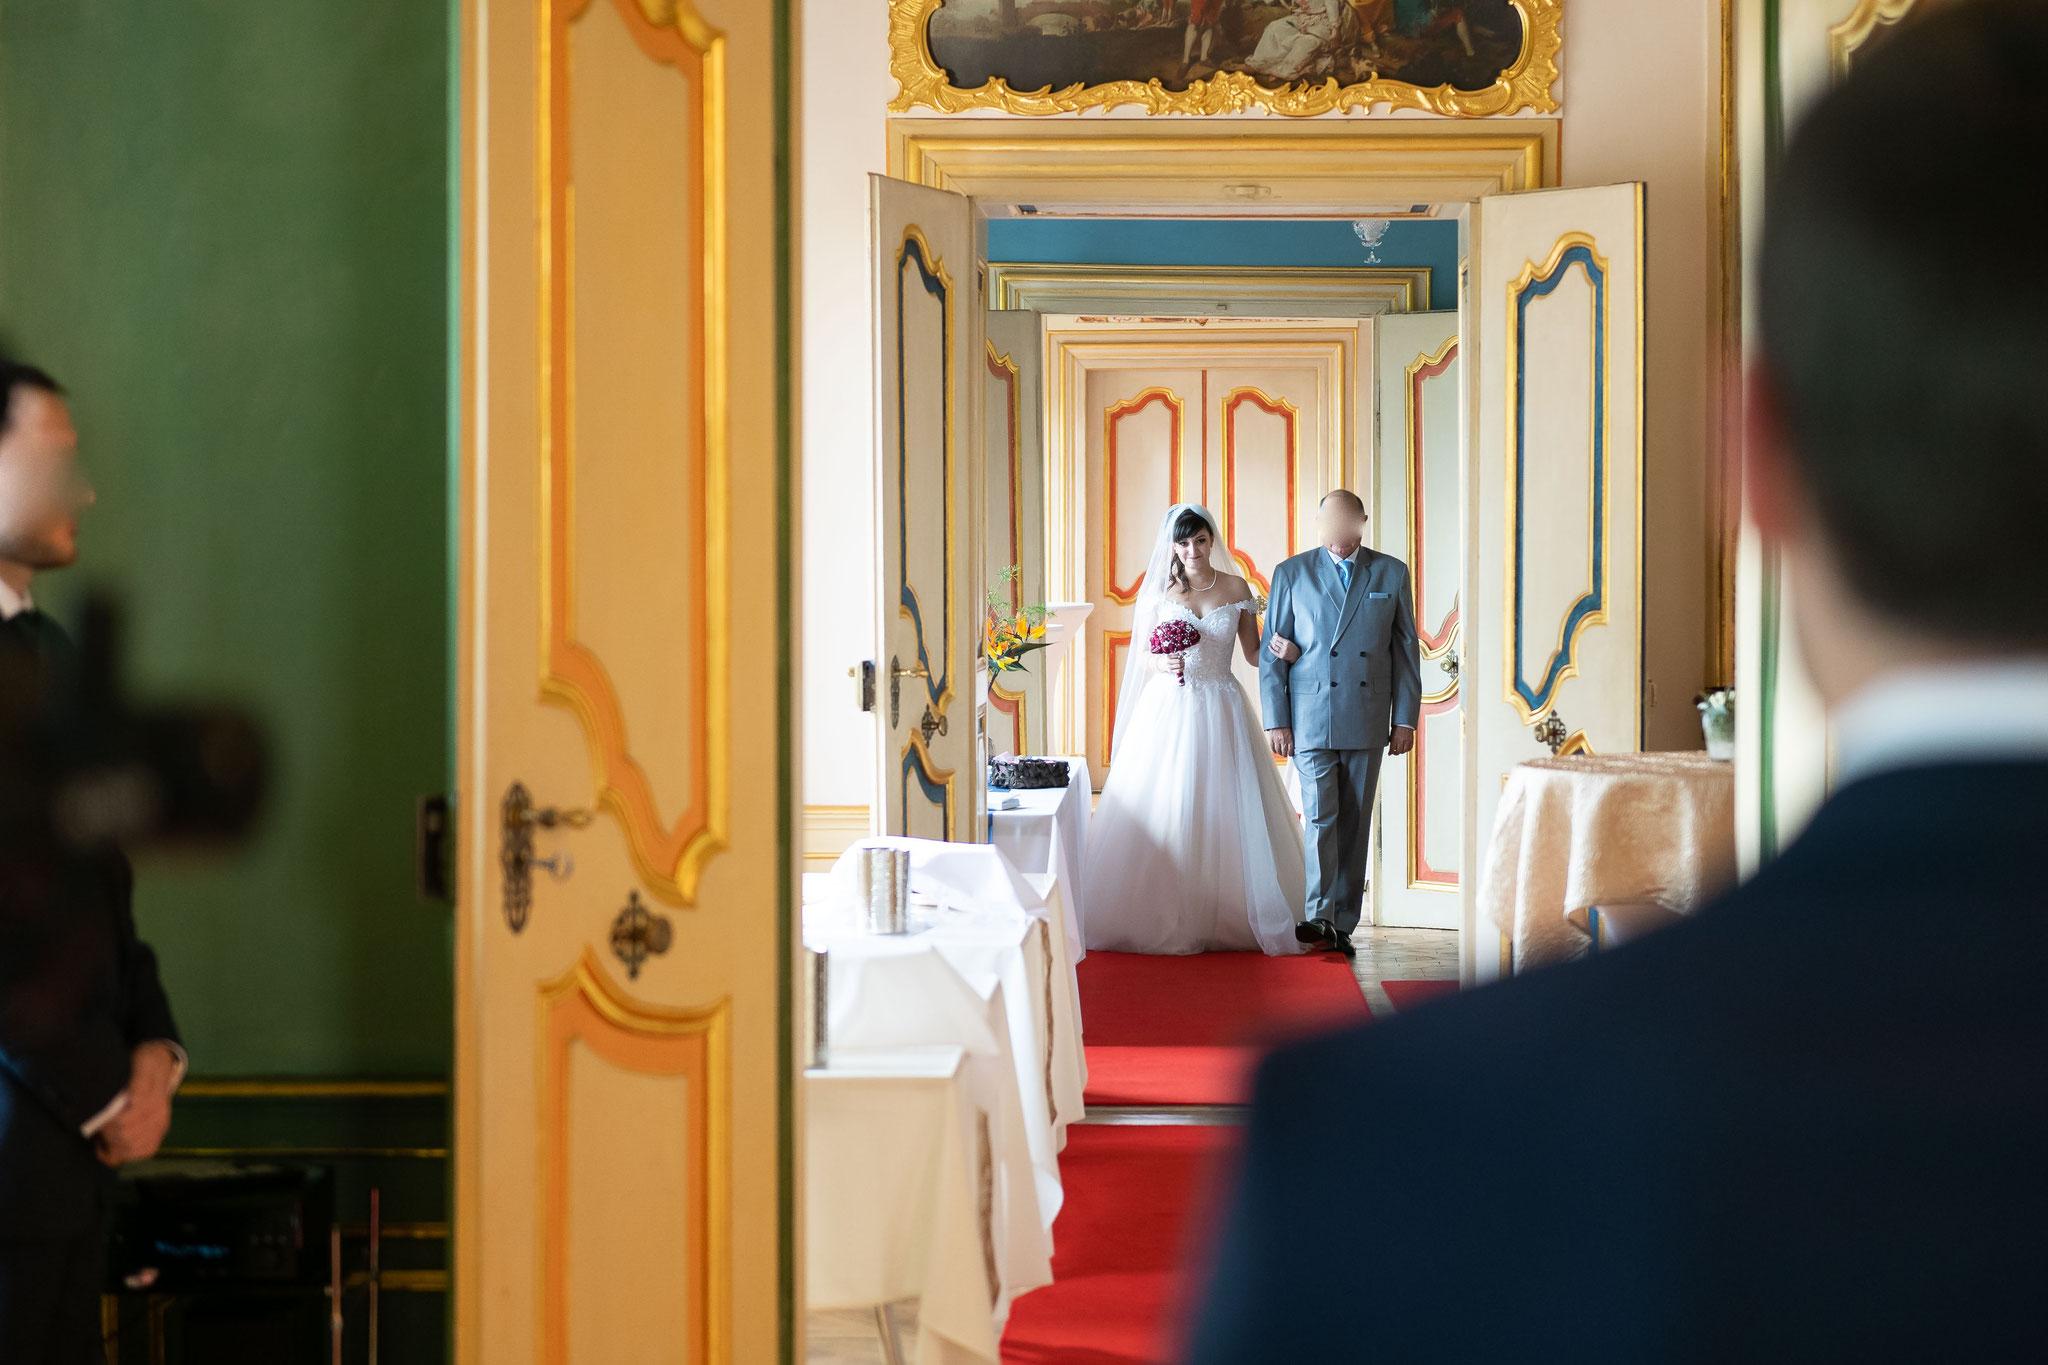 Ihr Hochzeitsfotograf und Videograf für Fotos und Videos im Schloss Braunshardt in Weiterstadt